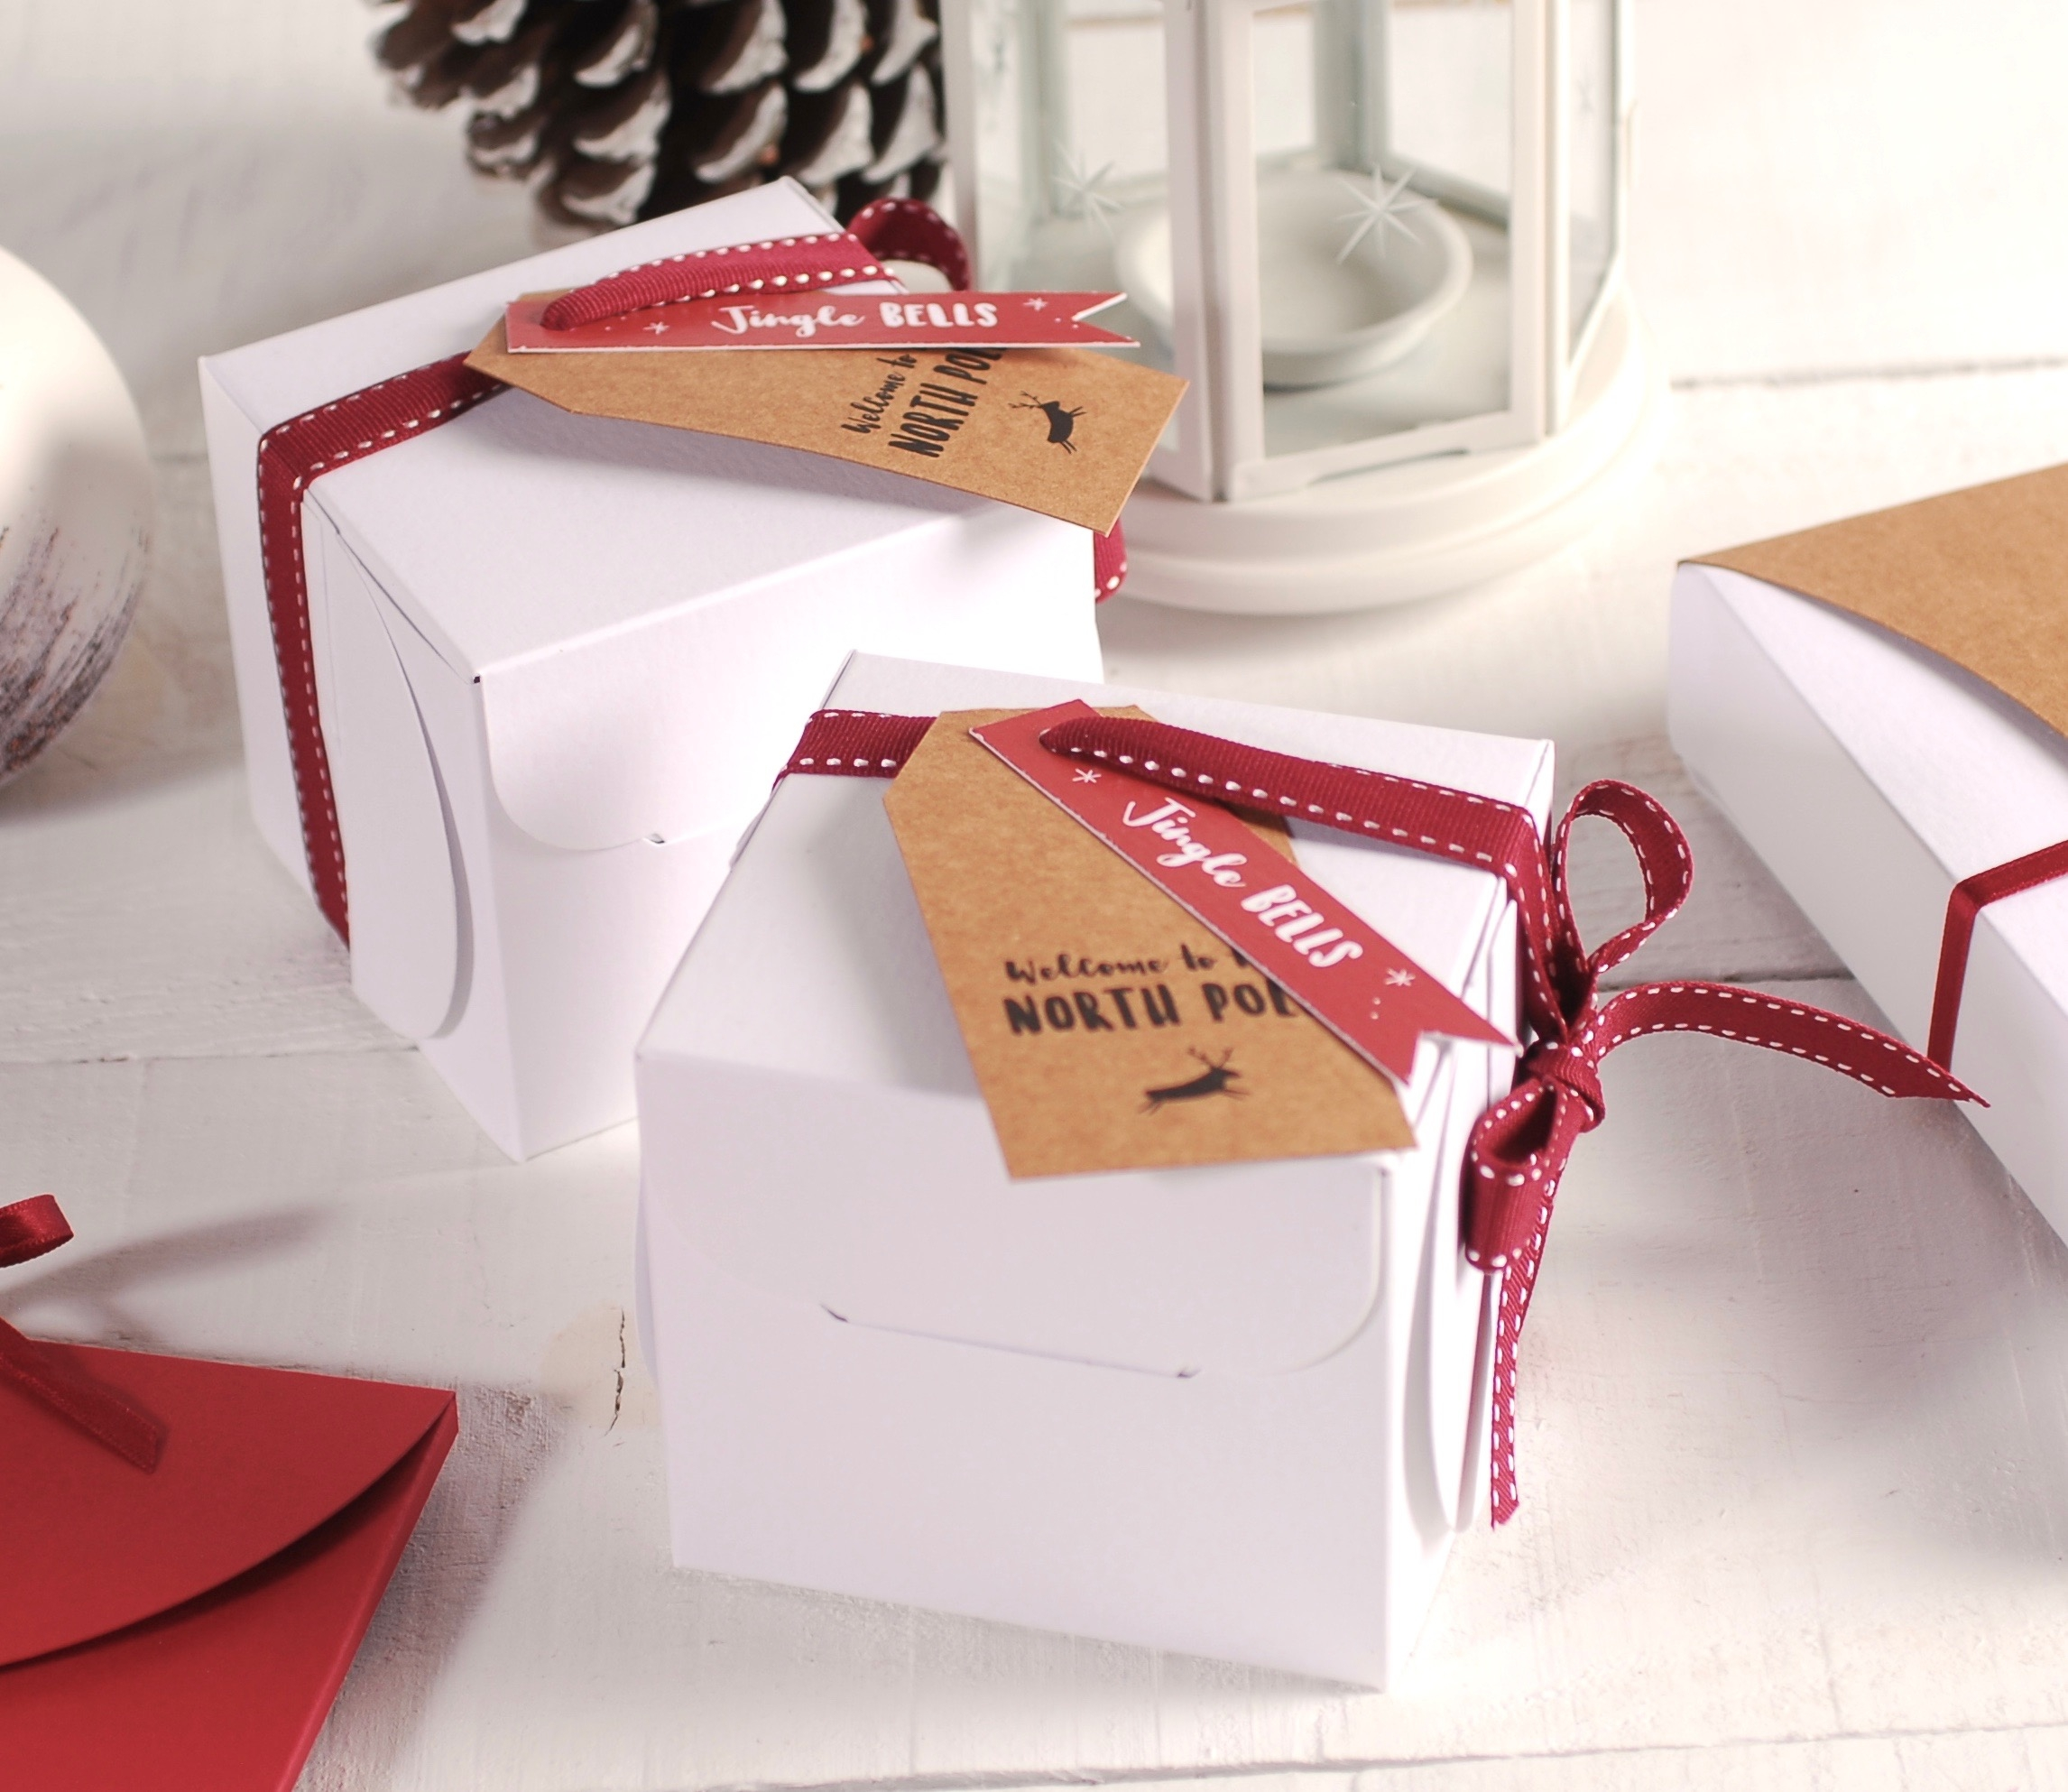 Scatole Per Regali Di Natale.Scatole Per Natale Selfpackaging